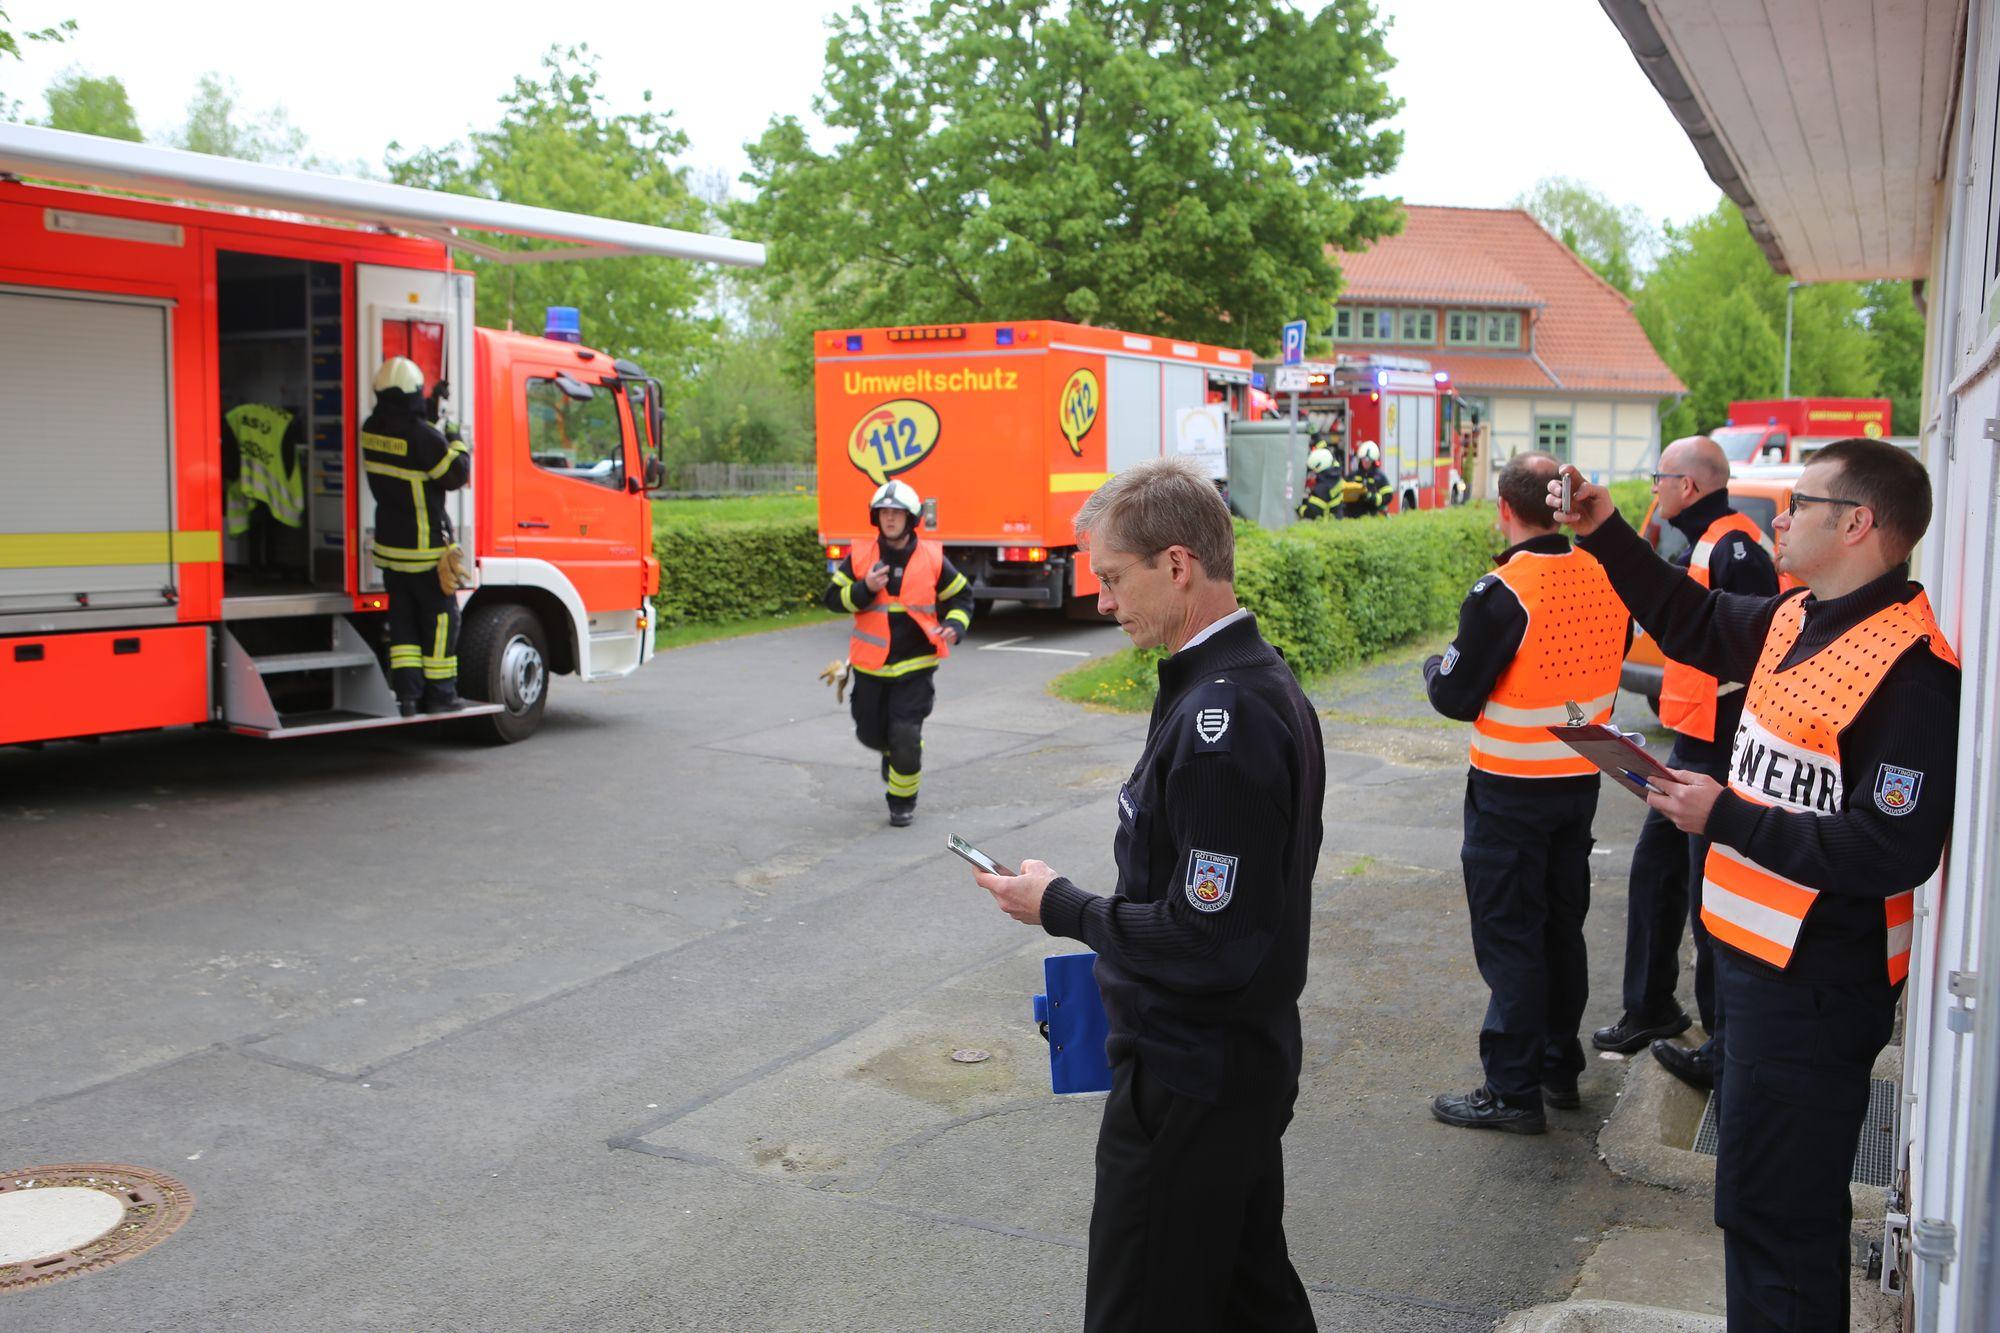 Göttinger Freibad Brauweg: Übung für den Katastophenfall | Göttingen